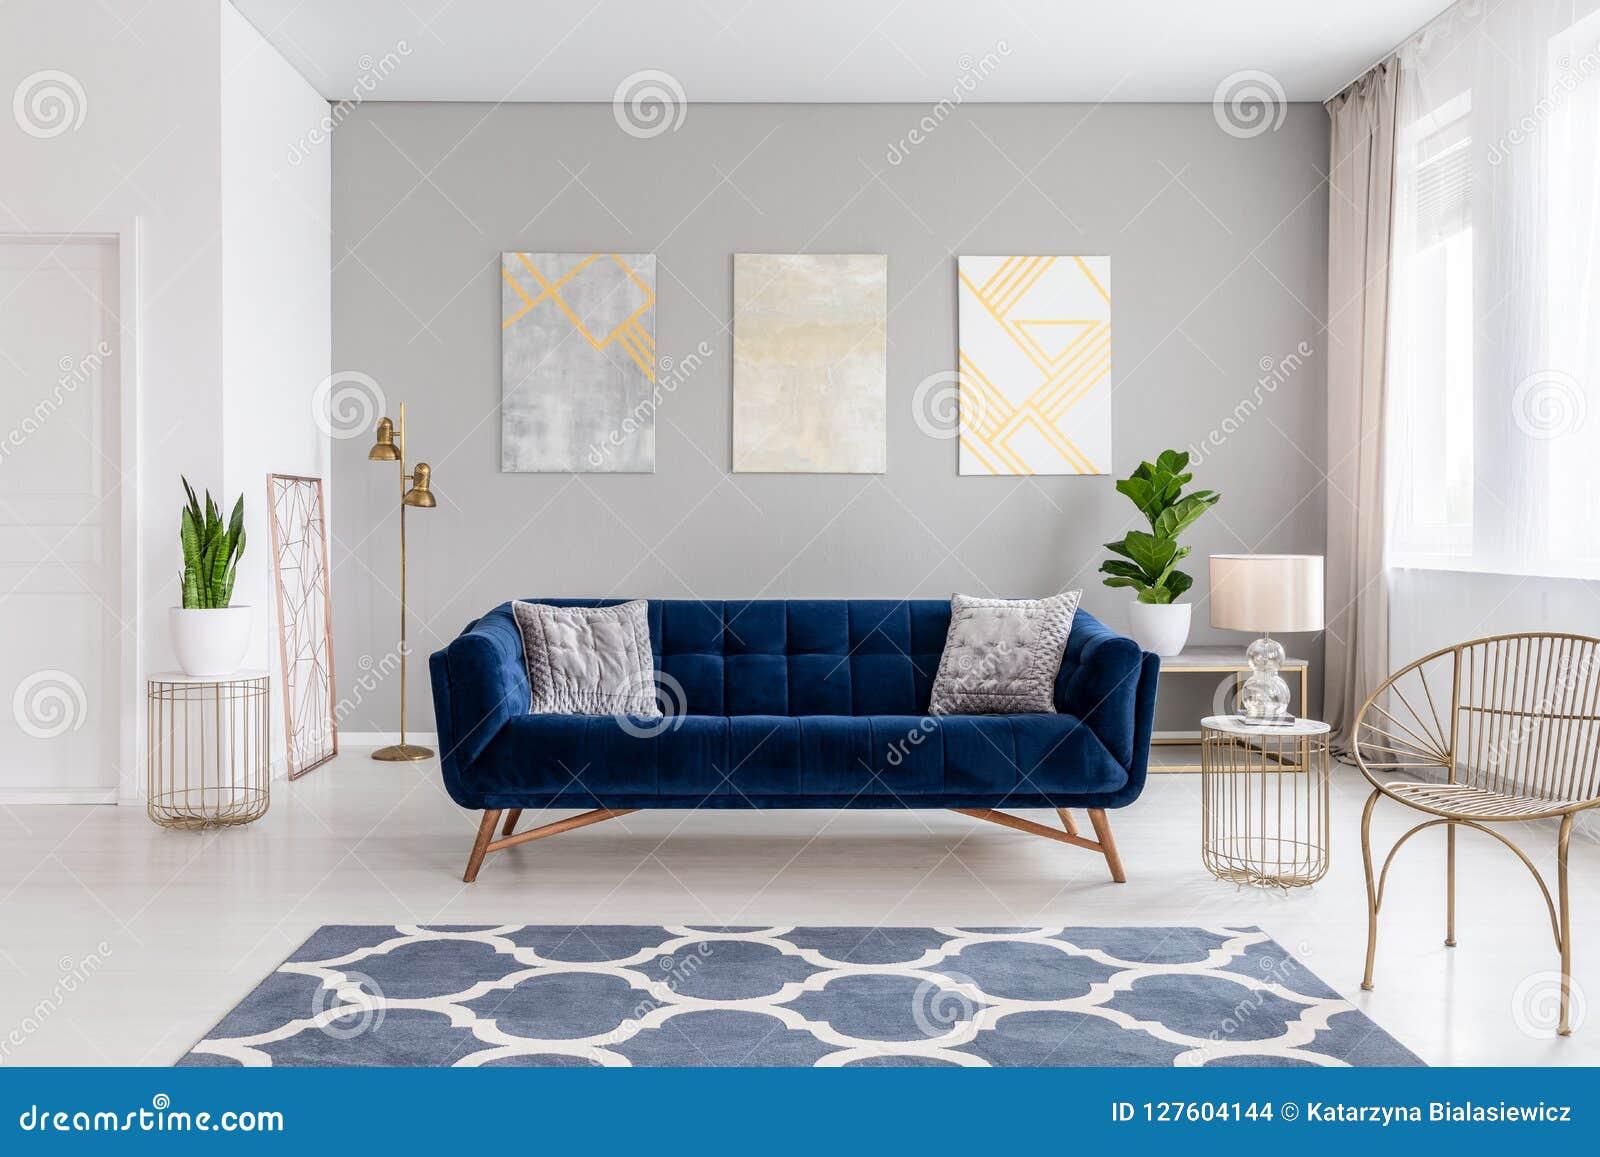 Un Sofa élégant De Bleu Marine Au Milieu D Un Intérieur